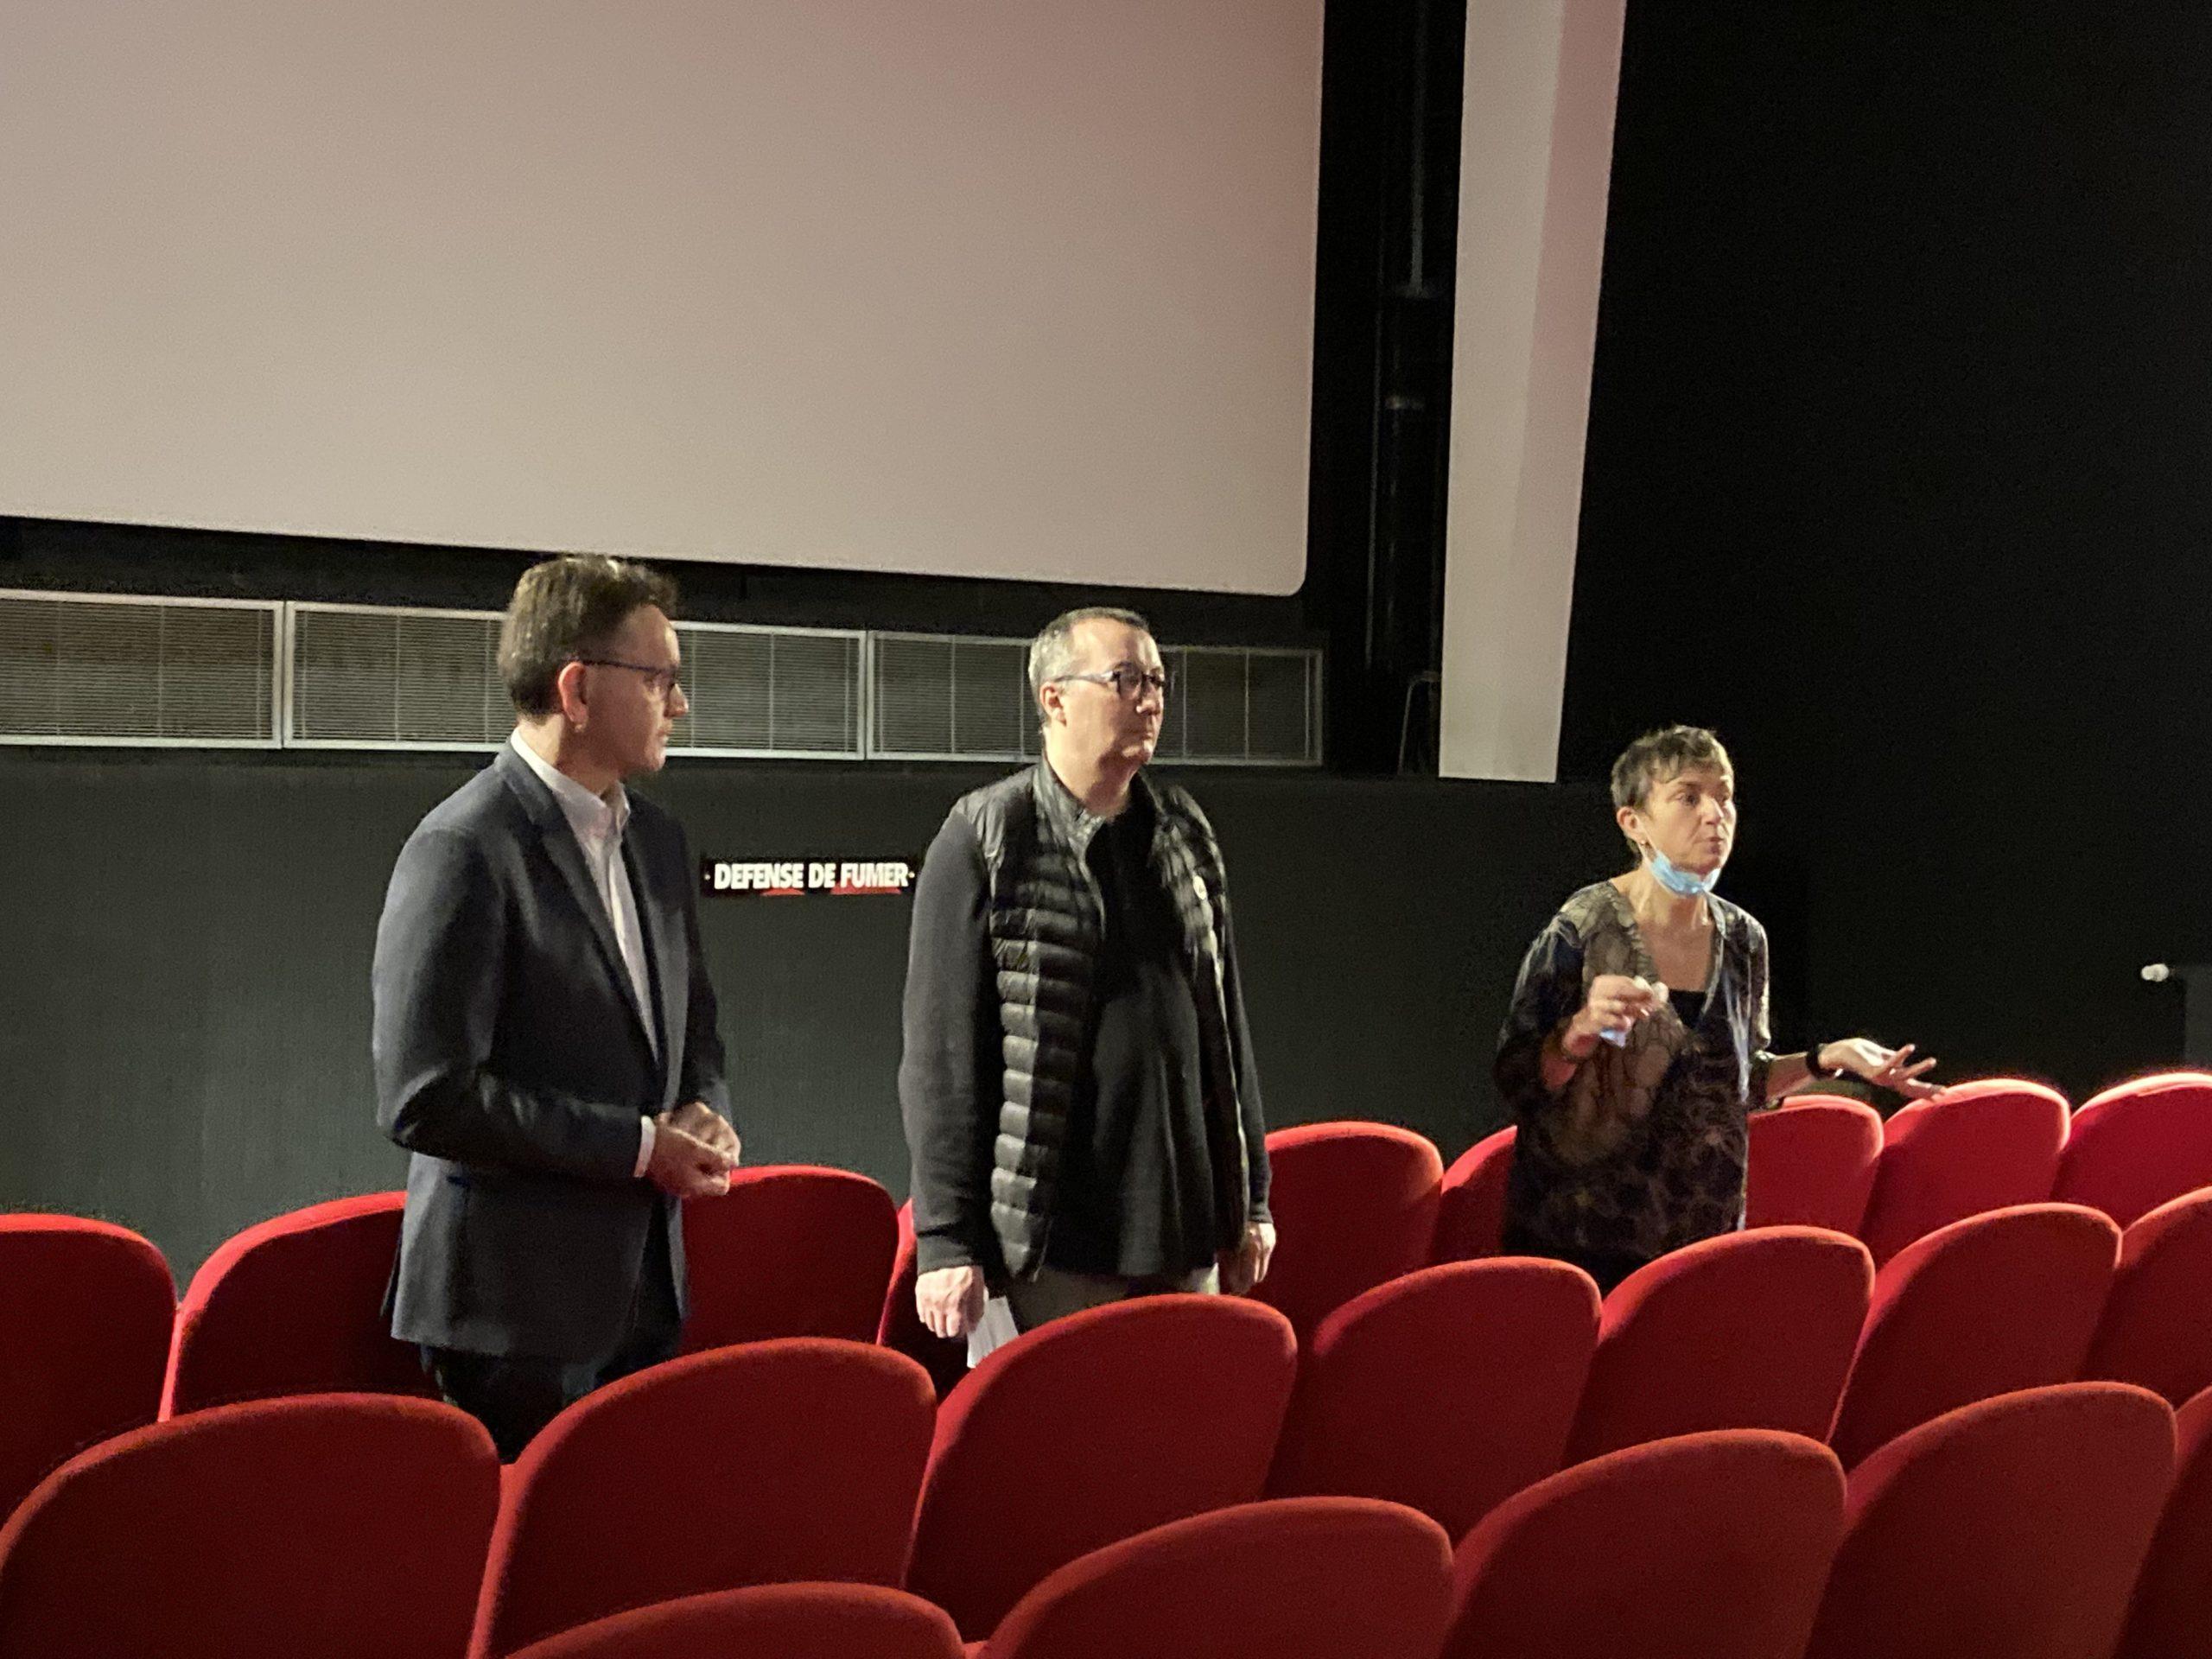 Mr Bony, Maire de Rive de Gier, Frédéric Beickert, président de l'association et Cathie Maturana, chargée de projet.